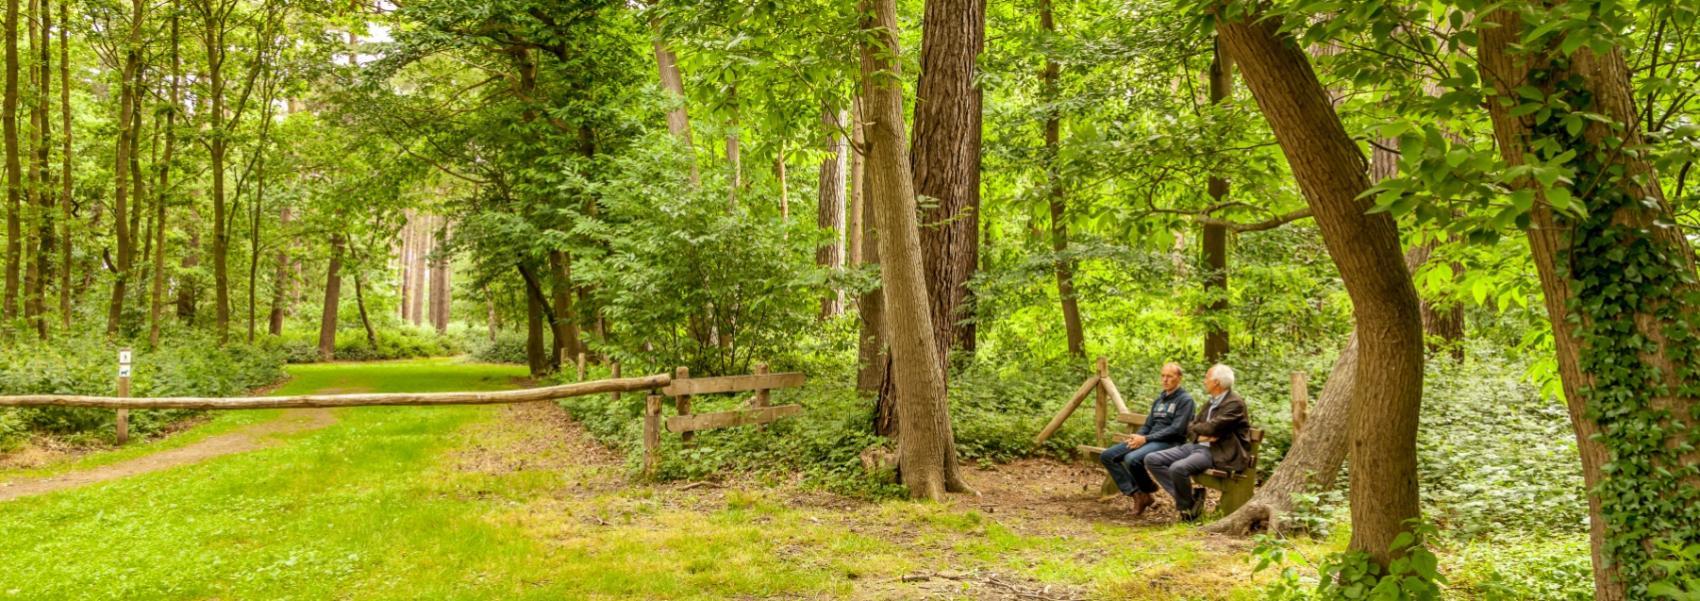 2 mannen op een bankje in het bos